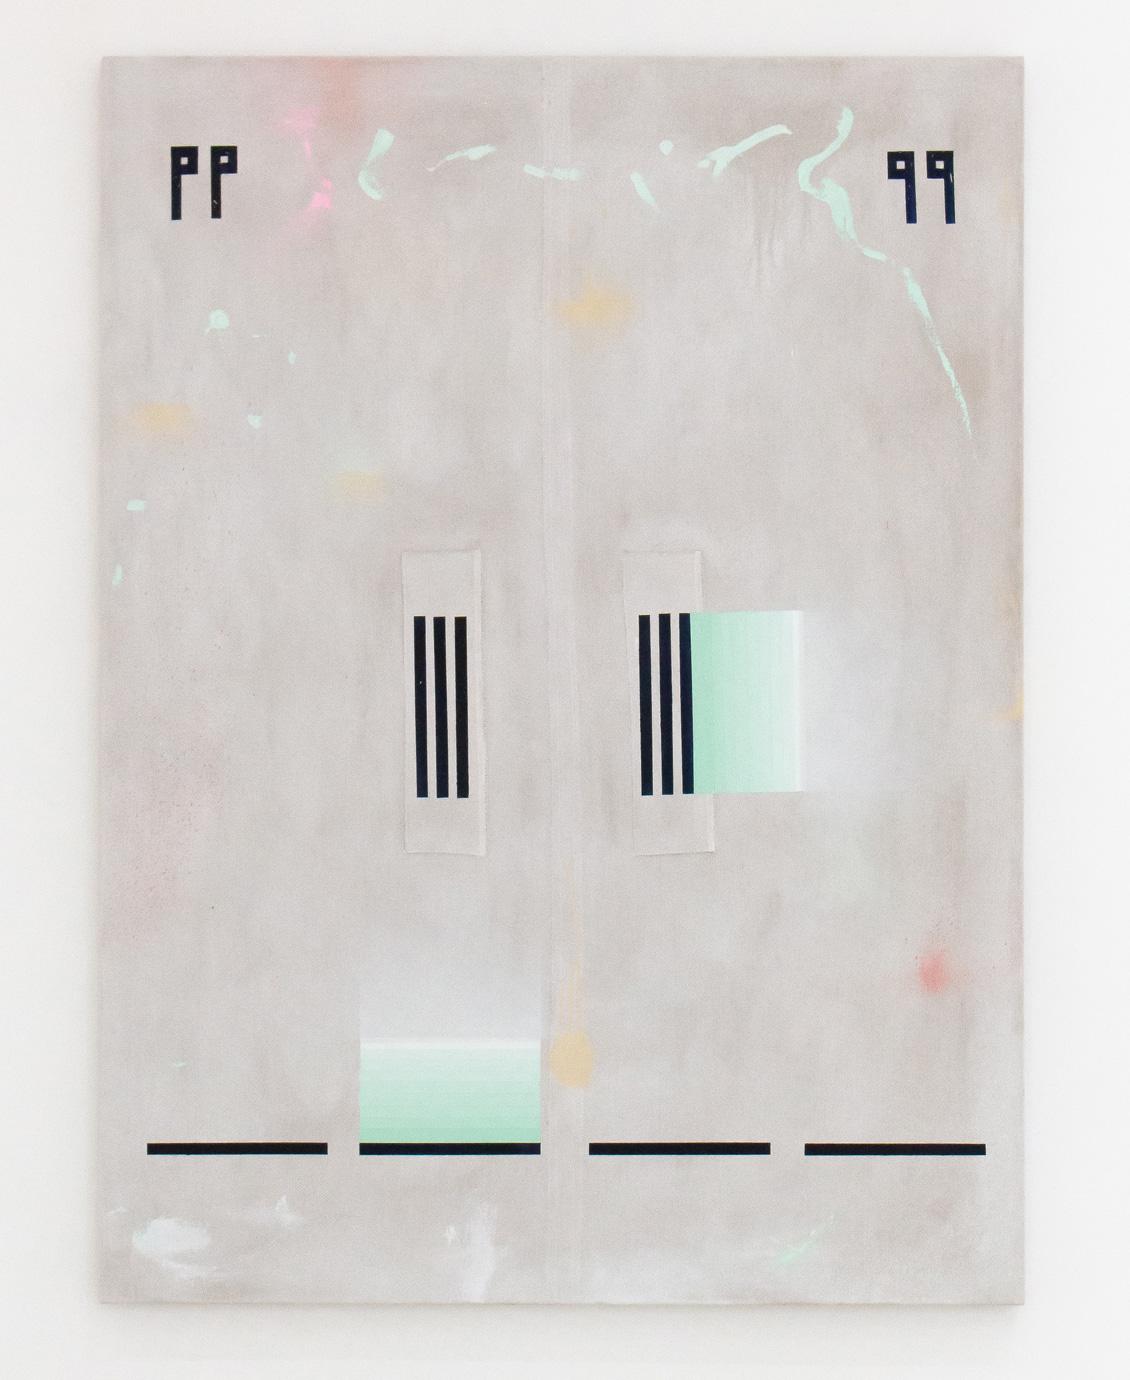 SARAH crowEST  Appliqué #6 (pause)  2018 linen, gesso, acrylic paint, linen and cotton thread 137 × 102 cm